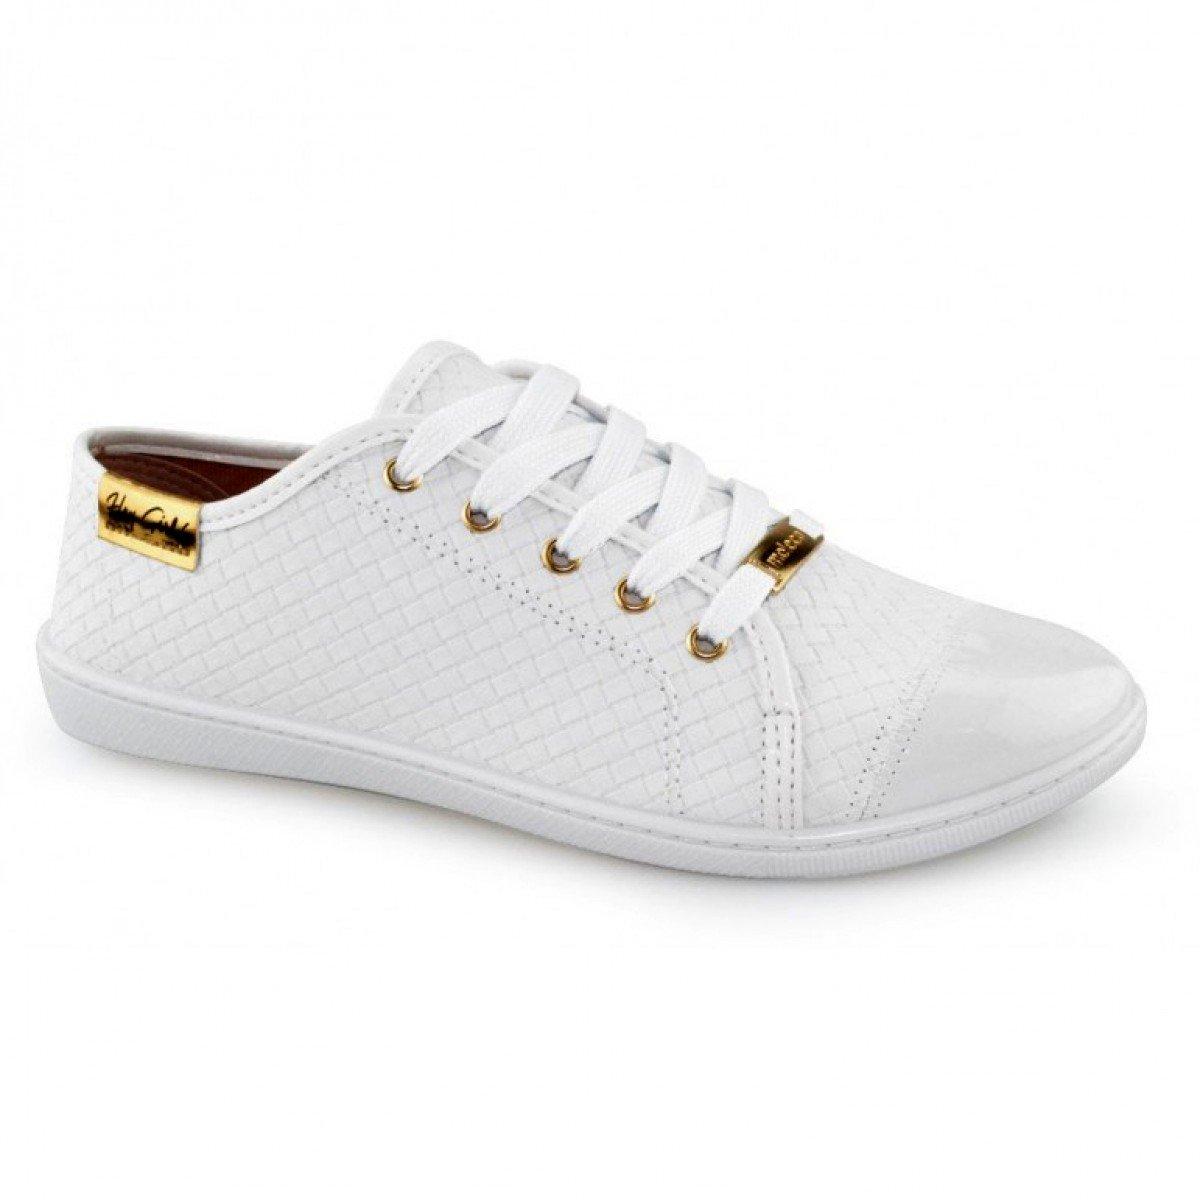 Tênis Feminino Moleca Tresse Casual Branco - Compre Agora  23e0d542d95c4